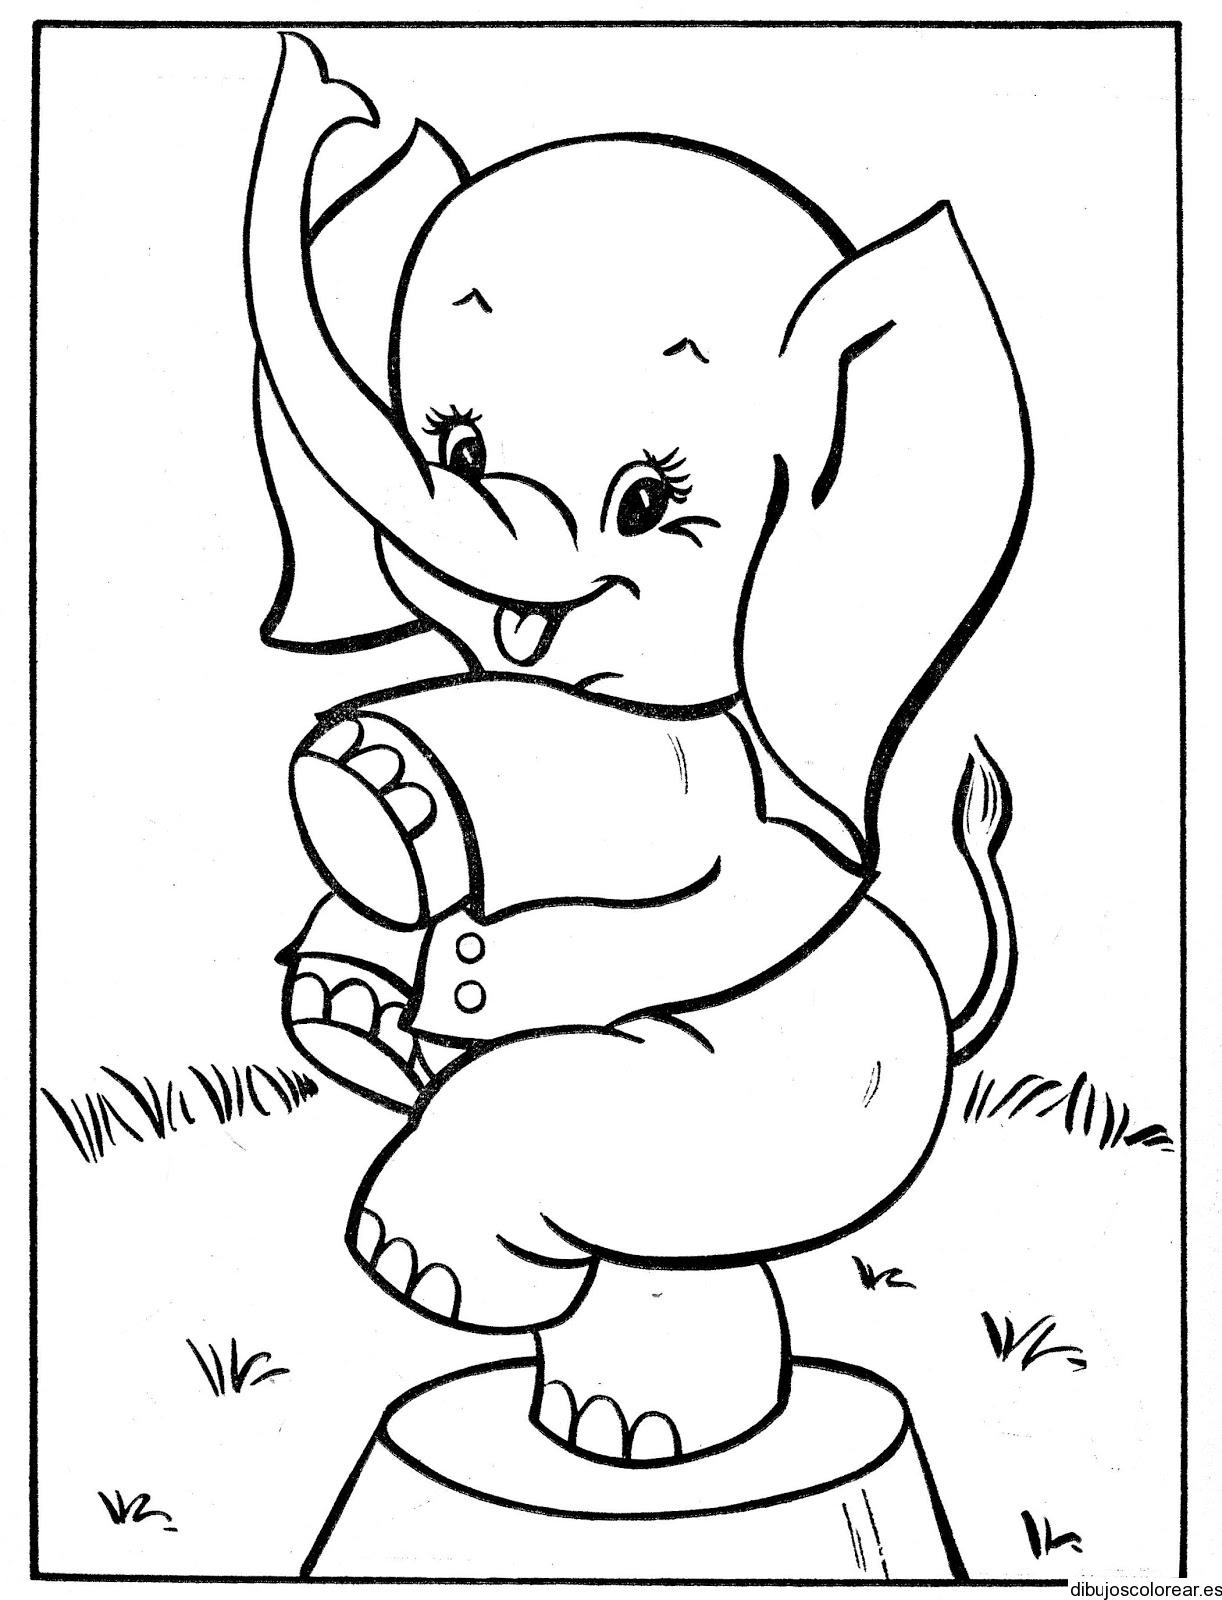 Dibujo de un elefante de circo  Dibujos para Colorear